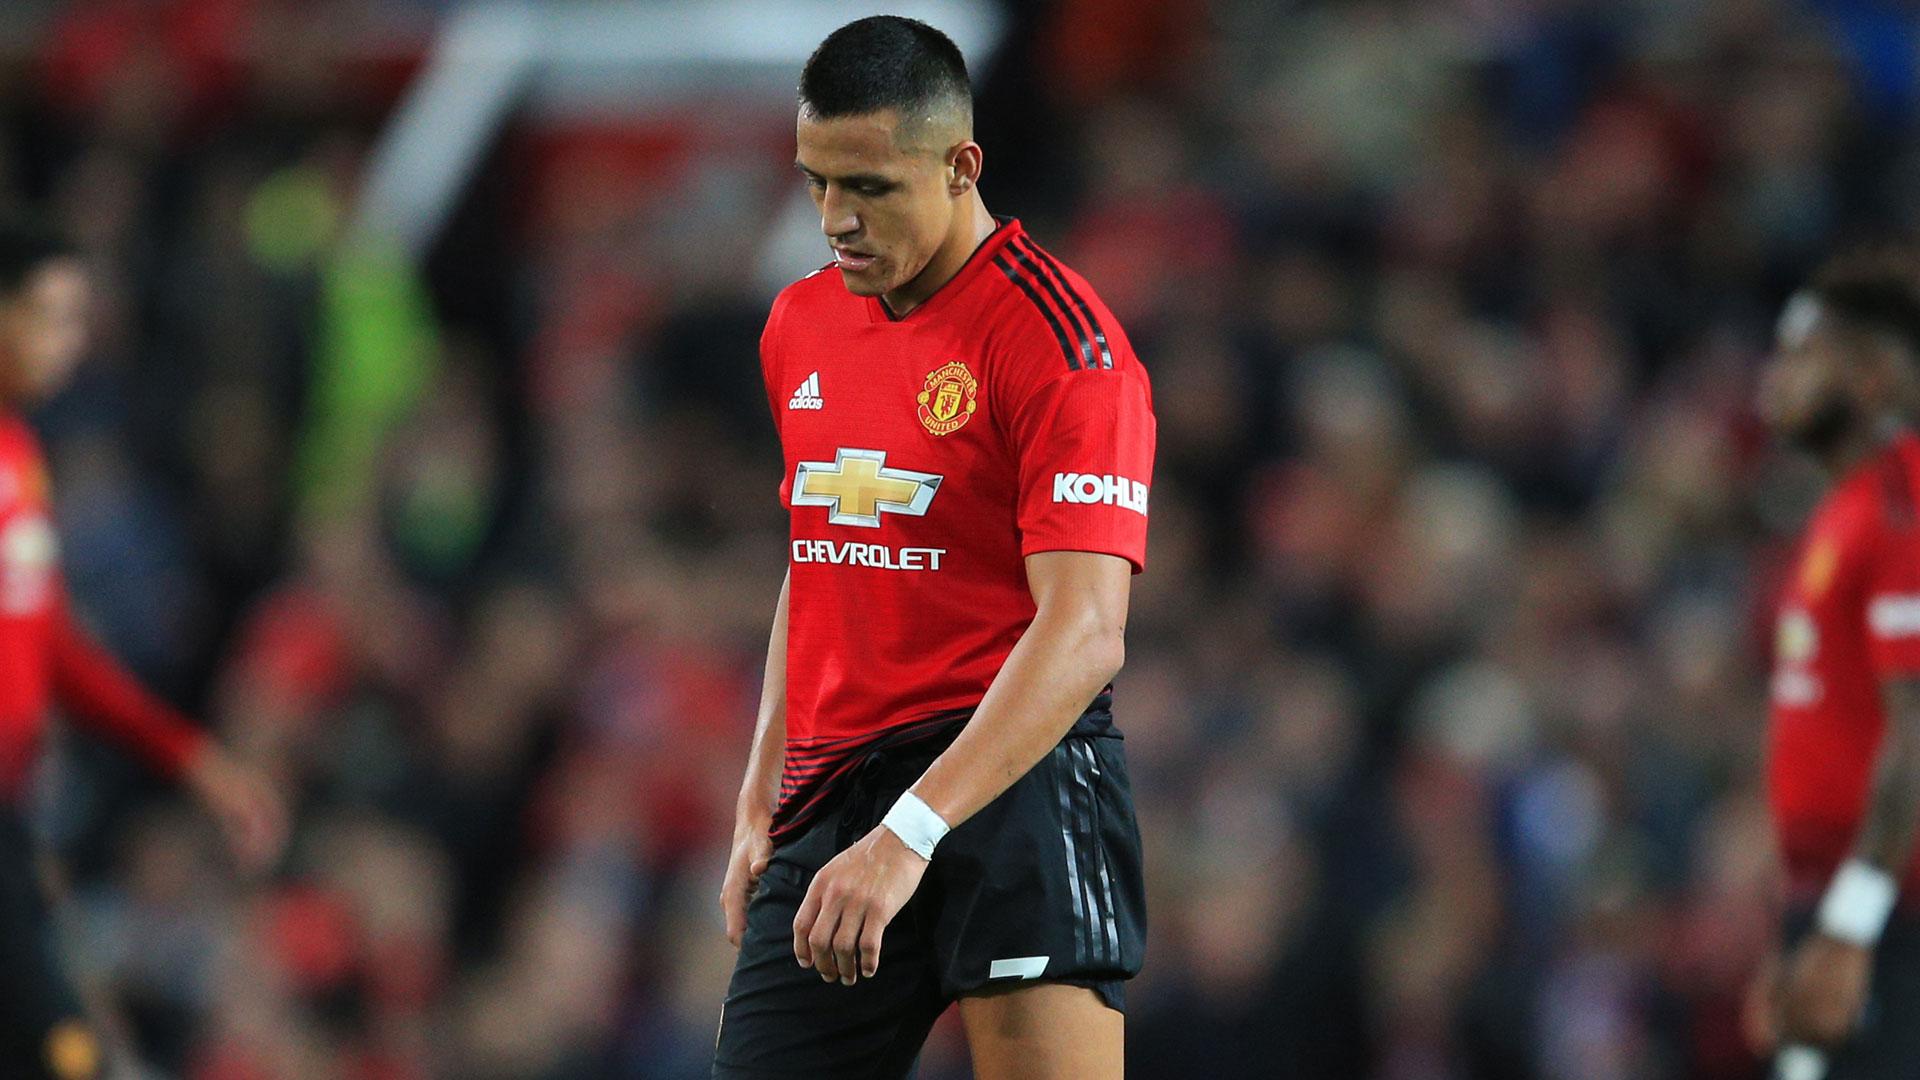 """Alexis Sánchez reveló detalles de su calvario en el Manchester United: """"Me quise ir después del primer entrenamiento"""" - Infobae"""